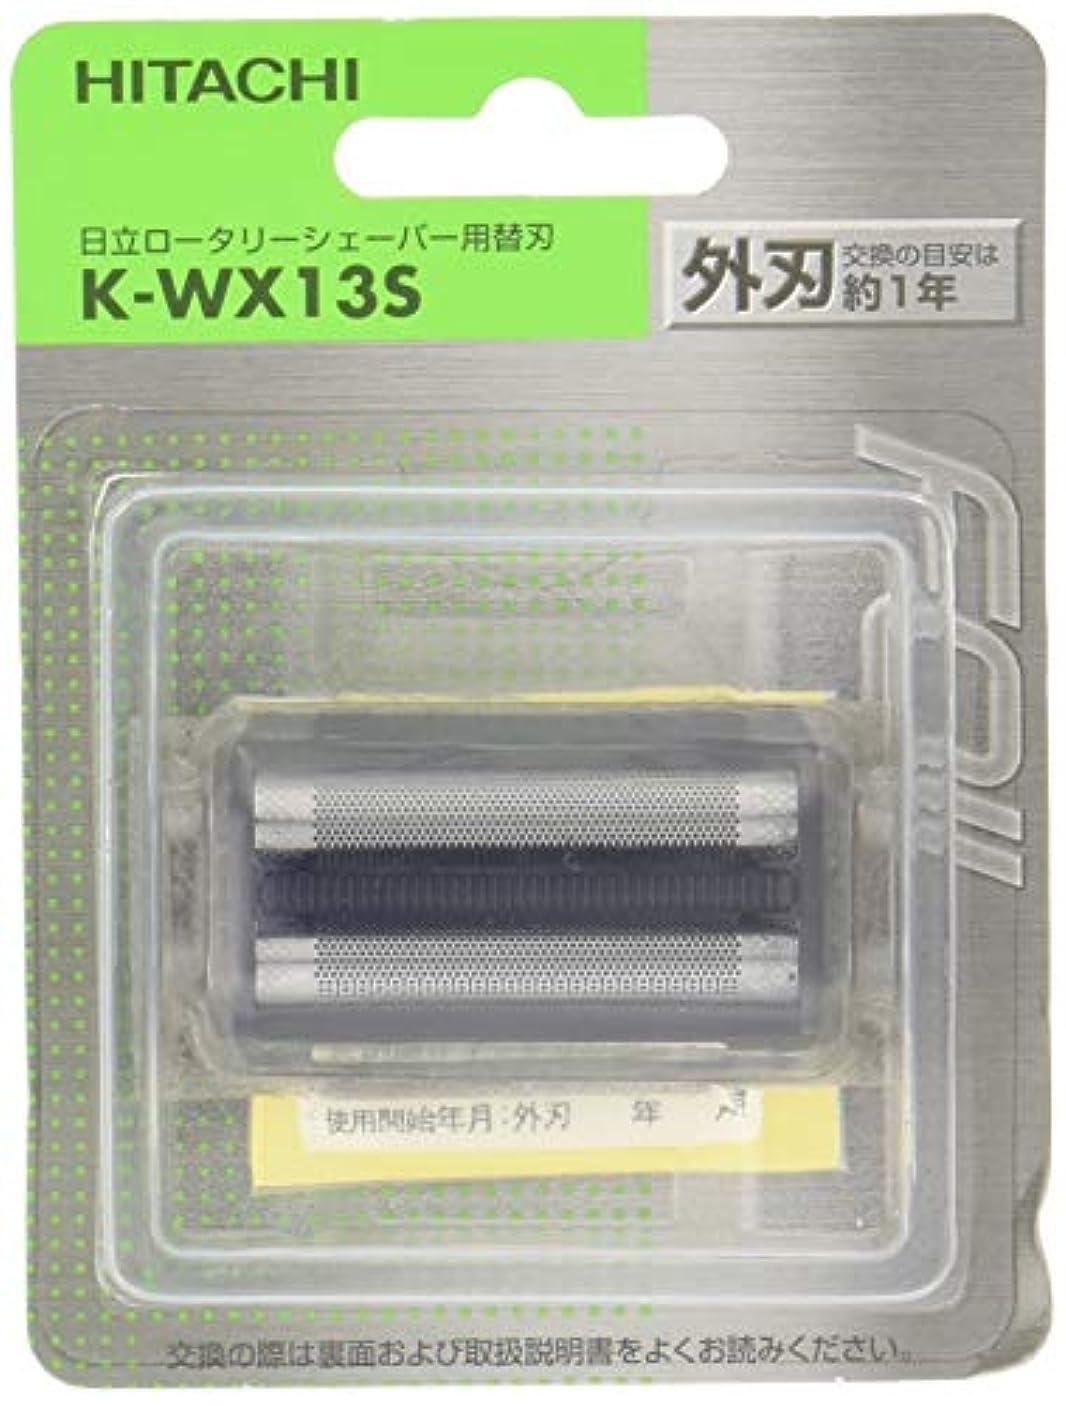 ぼんやりしたエンゲージメントポンプ日立 替刃 外刃 K-WX13S